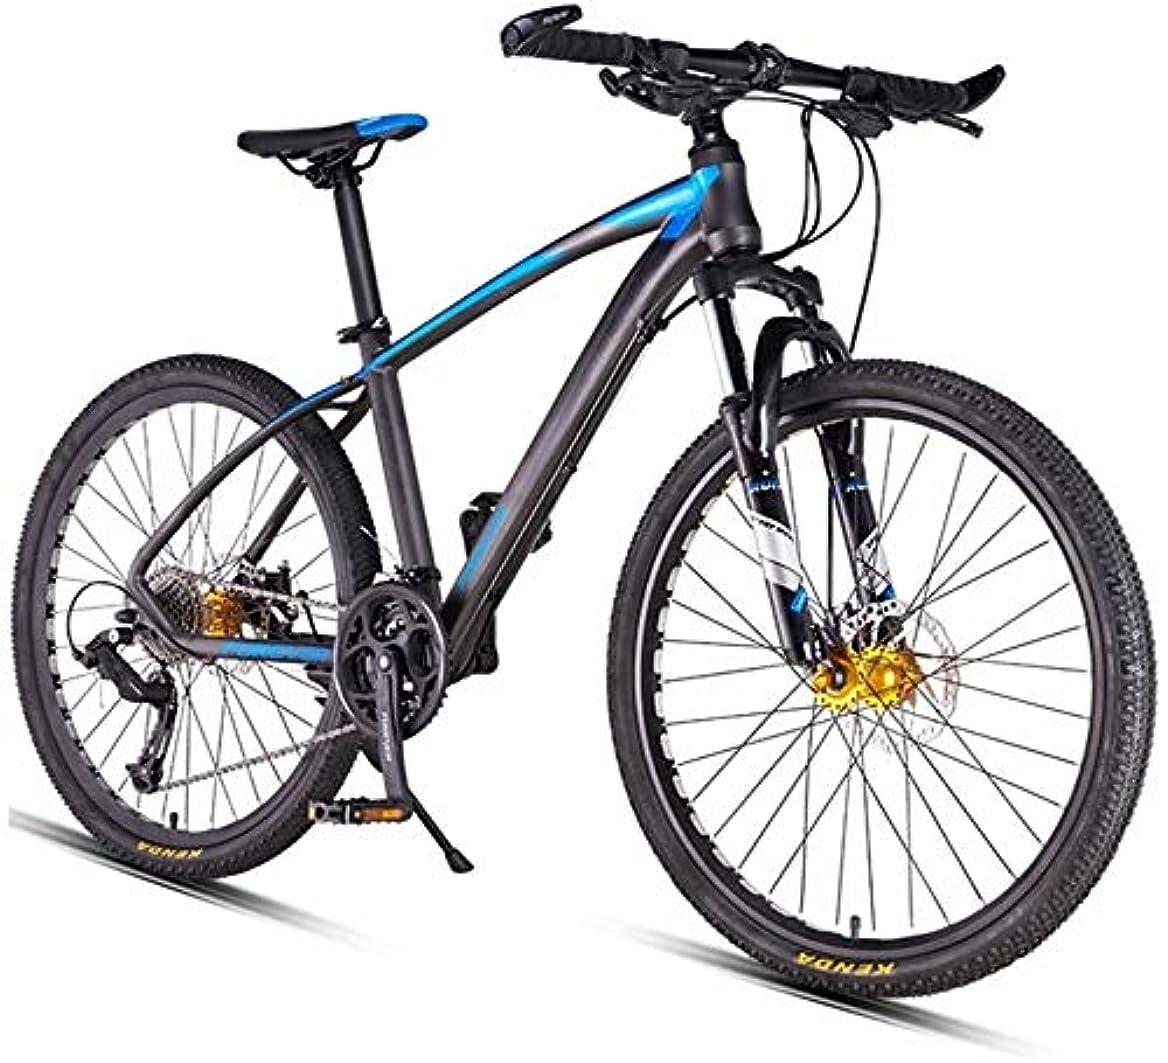 限定買い手ポーターH-ei 26インチ27スピードマウンテンバイク、デュアルディスクブレーキハードテイルマウンテンバイク、メンズ女性アダルト全地形型マウンテンバイク、調節可能なシート&ハンドルバー (Color : Blue)